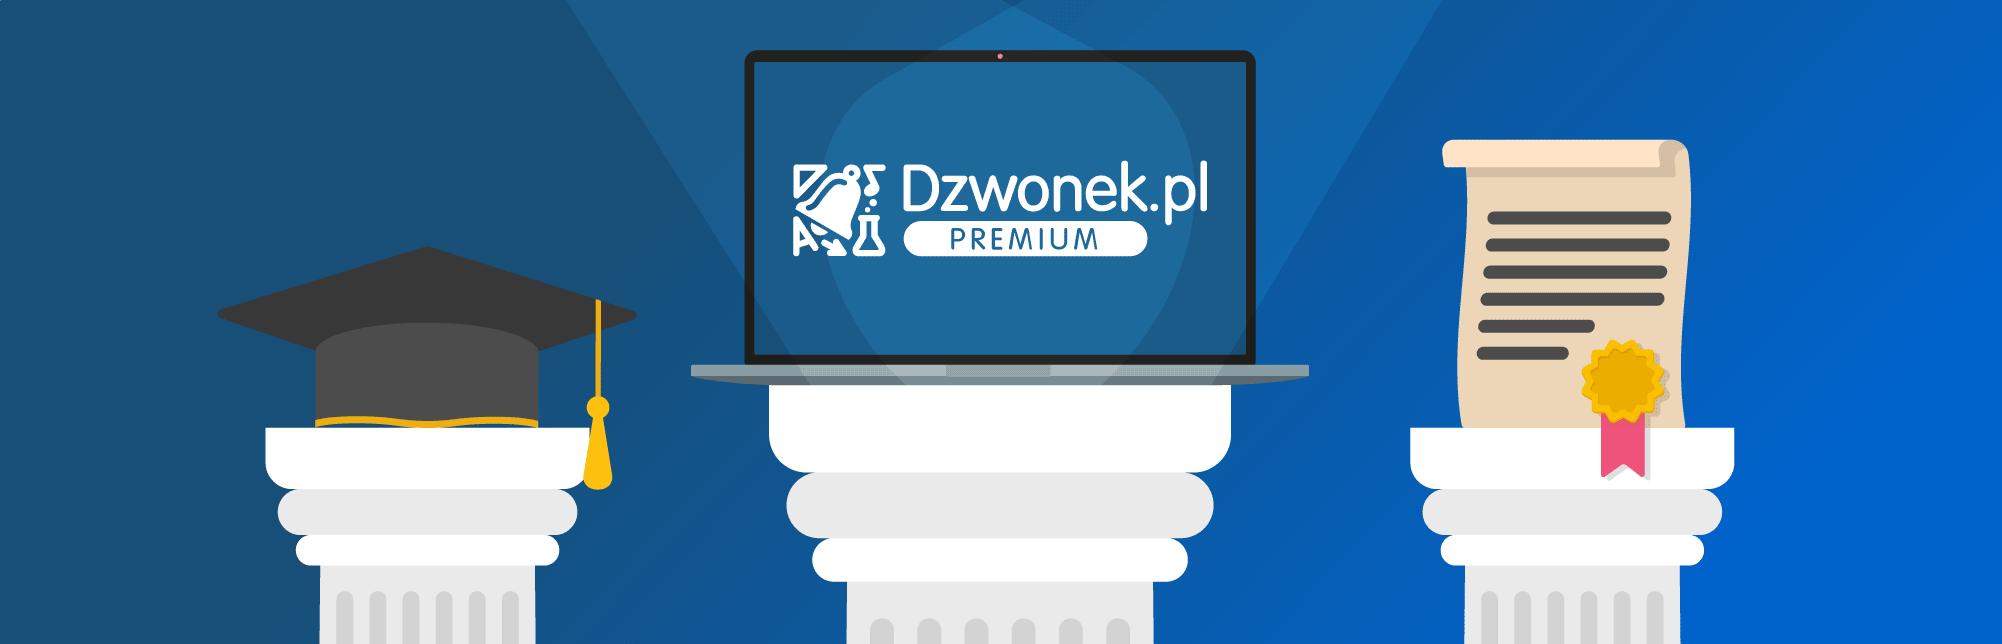 dzwonek.pl_premium_landing_banner_ver1